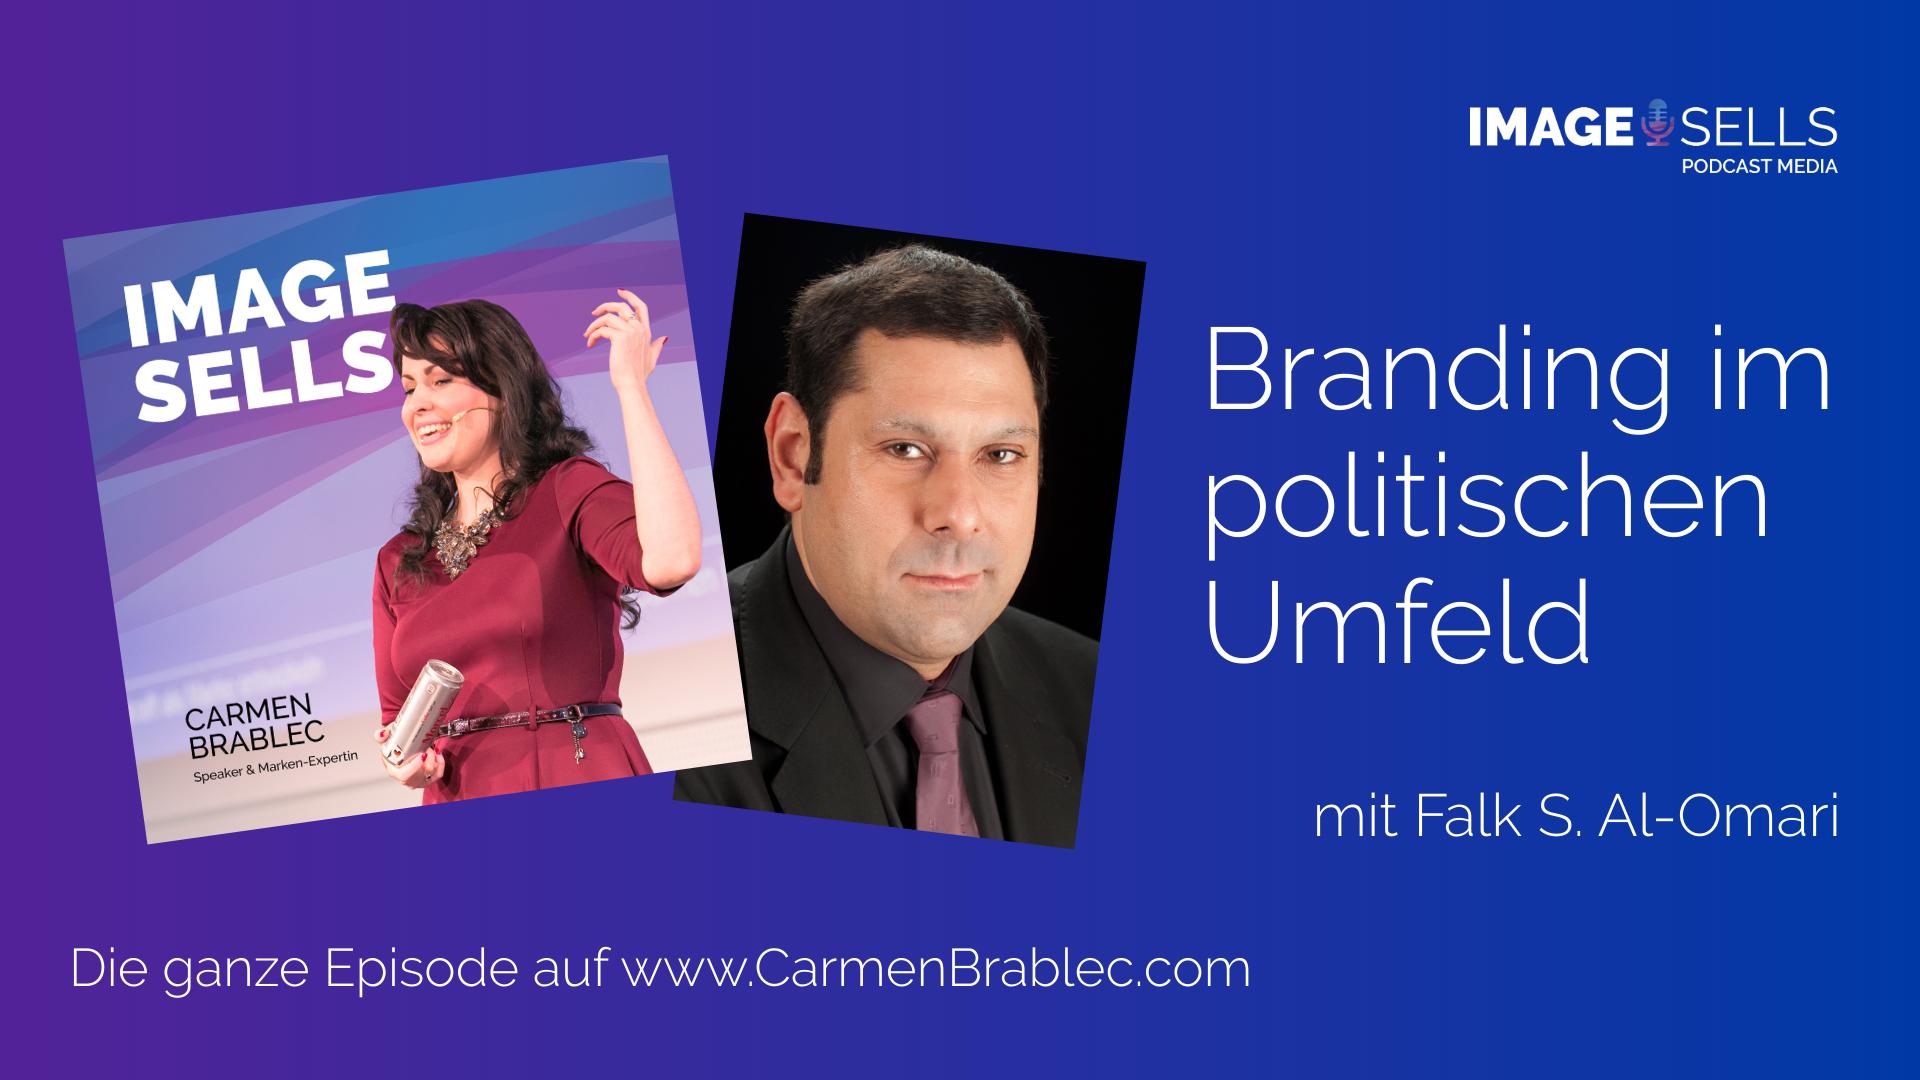 Branding im politischen Umfeld mit Falk S. Al-Omari